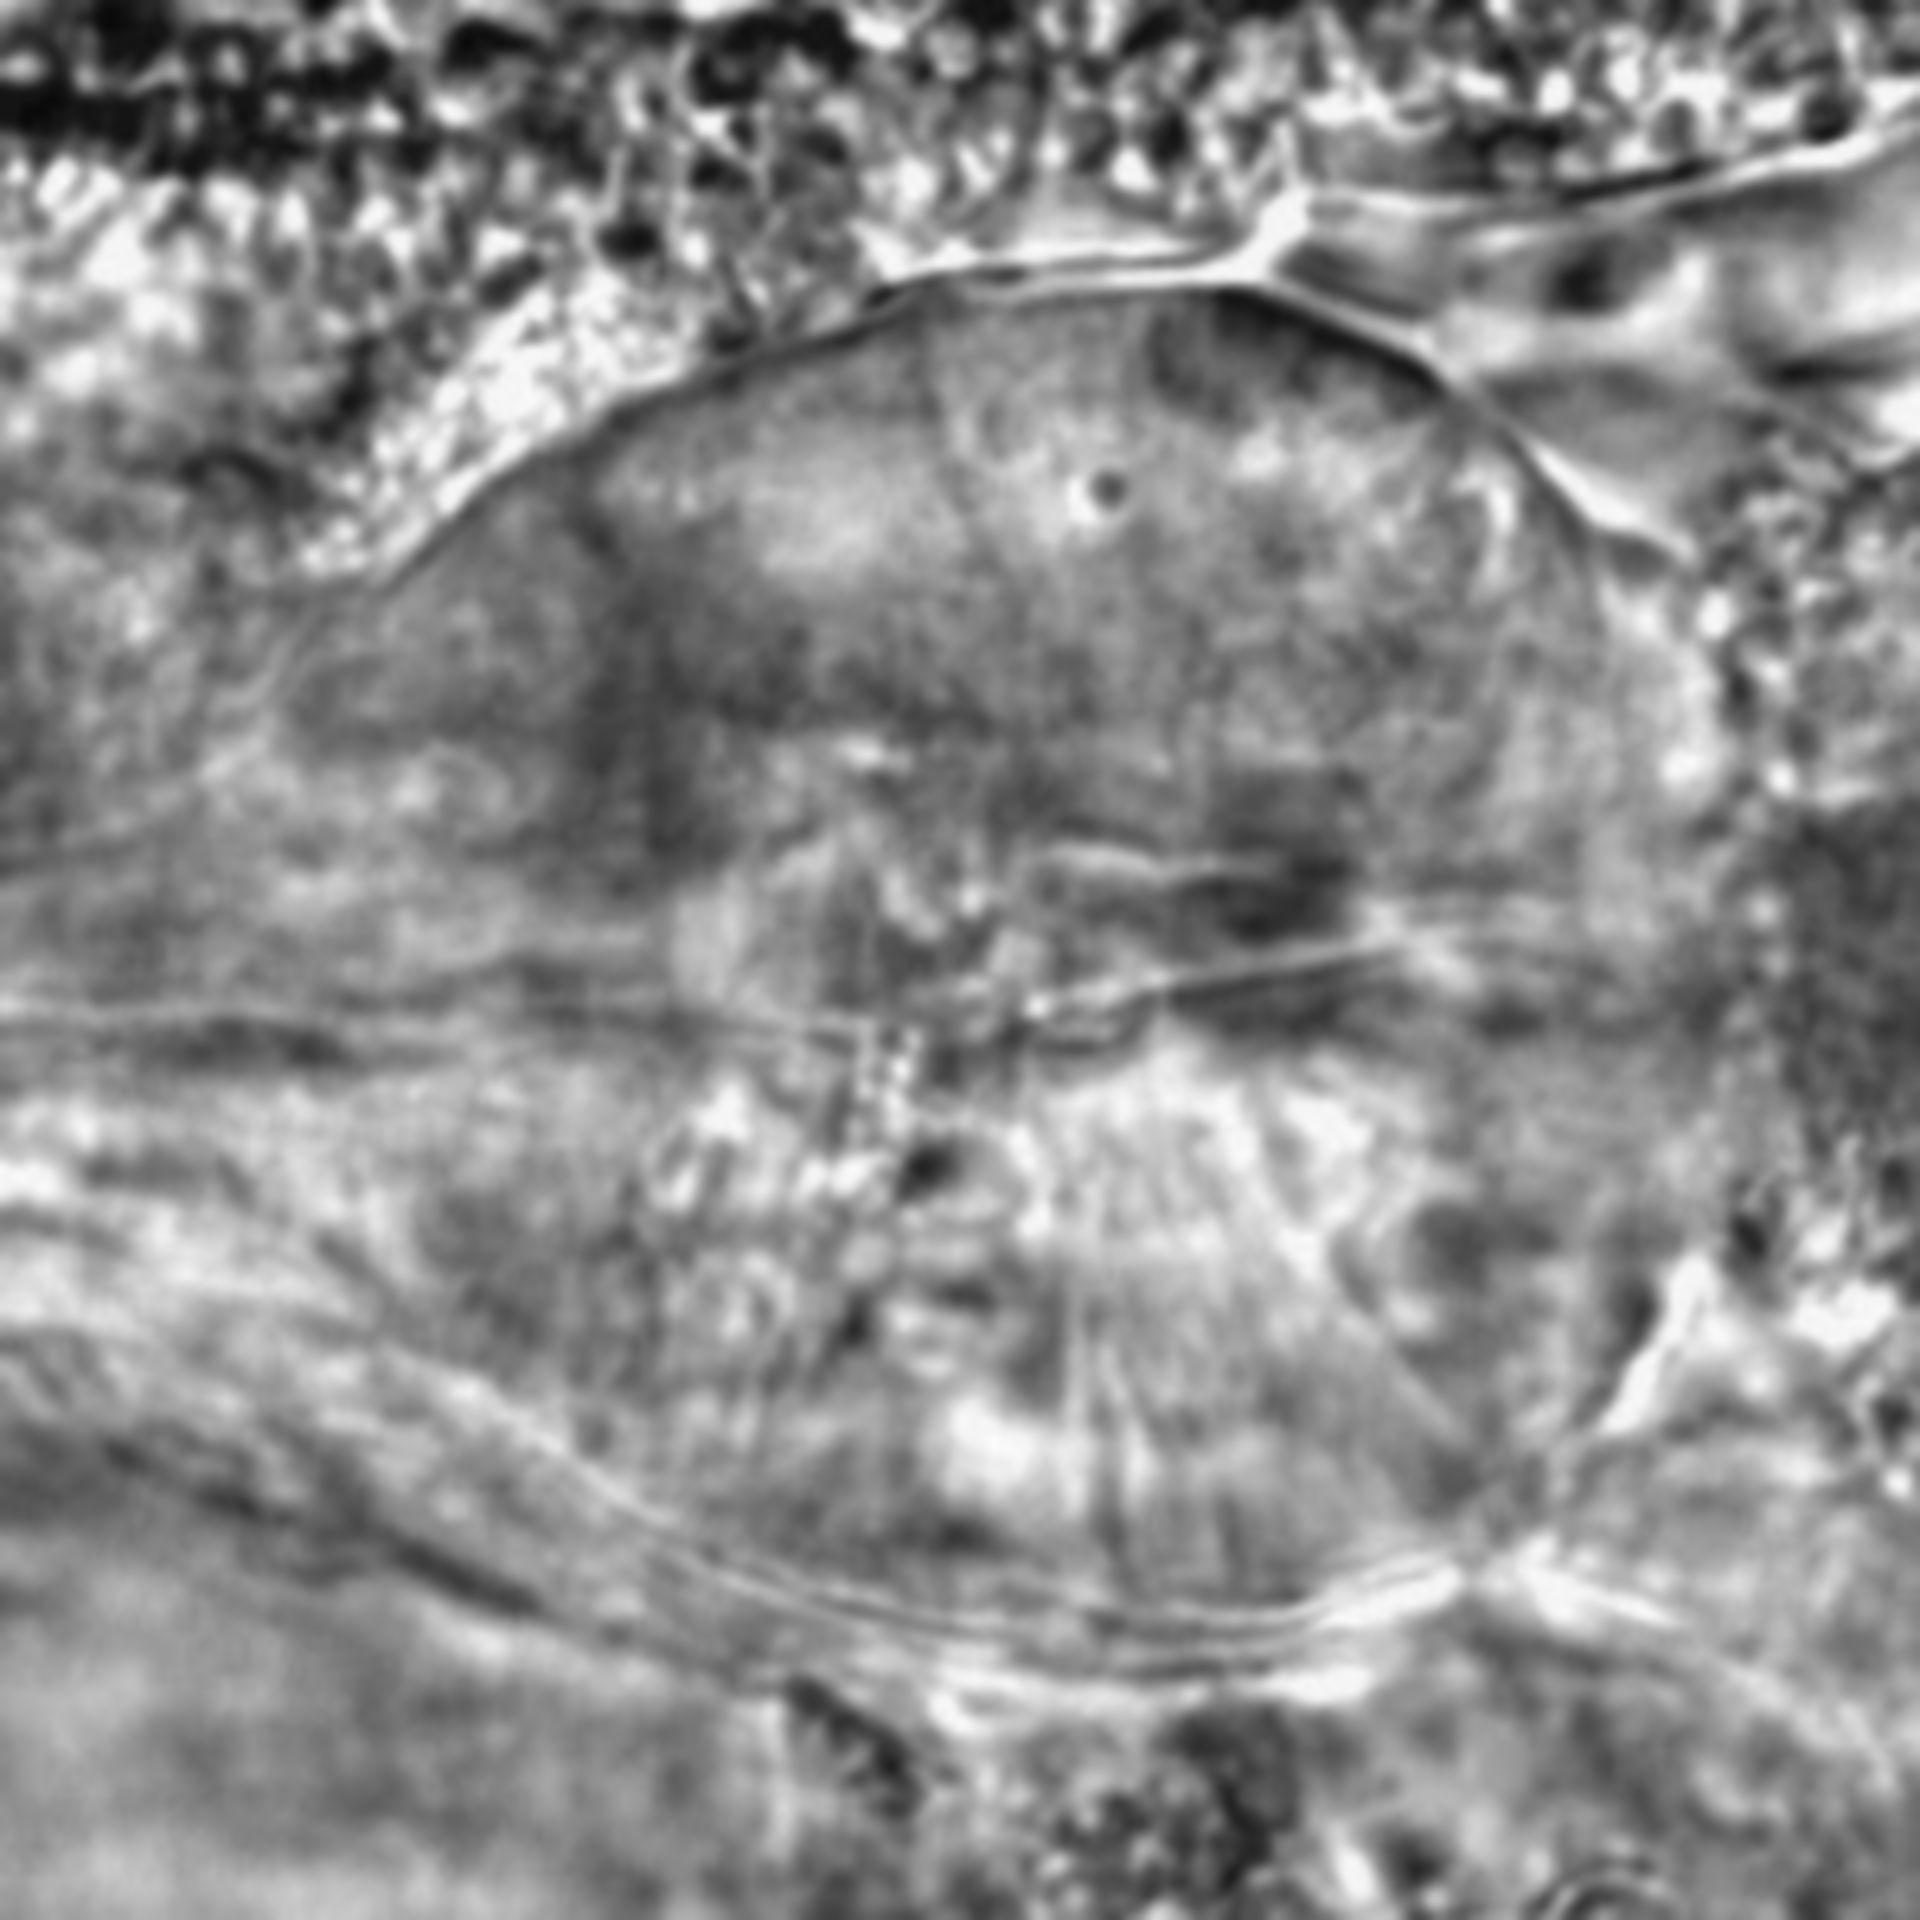 Caenorhabditis elegans - CIL:1973